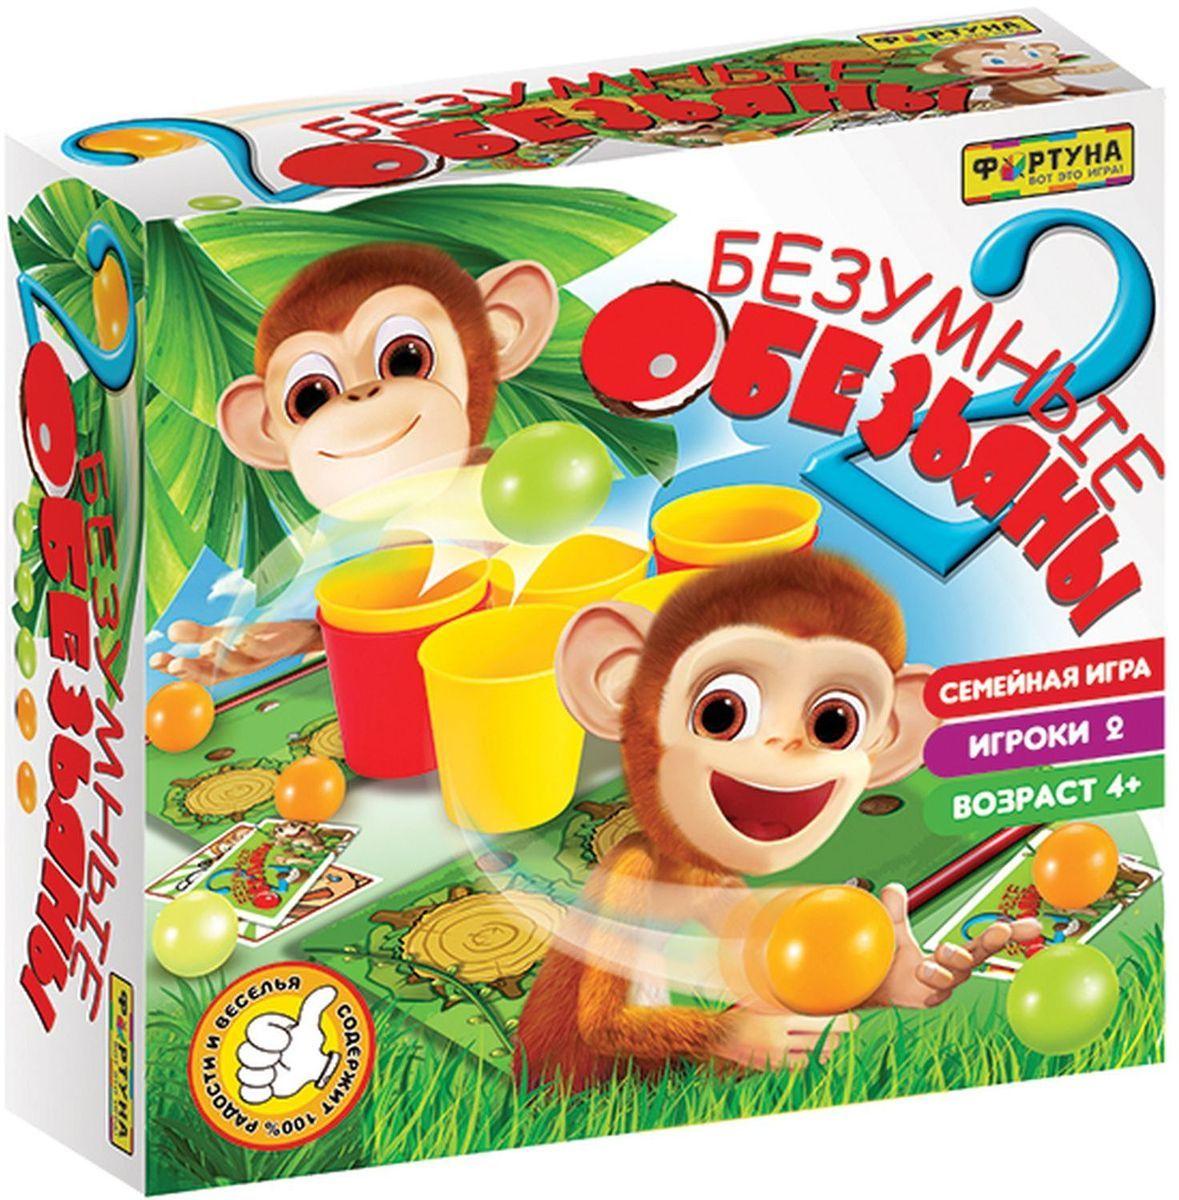 Купить Семейная настольная игра Фортуна Безумные обезьяны 2 Ф86180, Семейные настольные игры